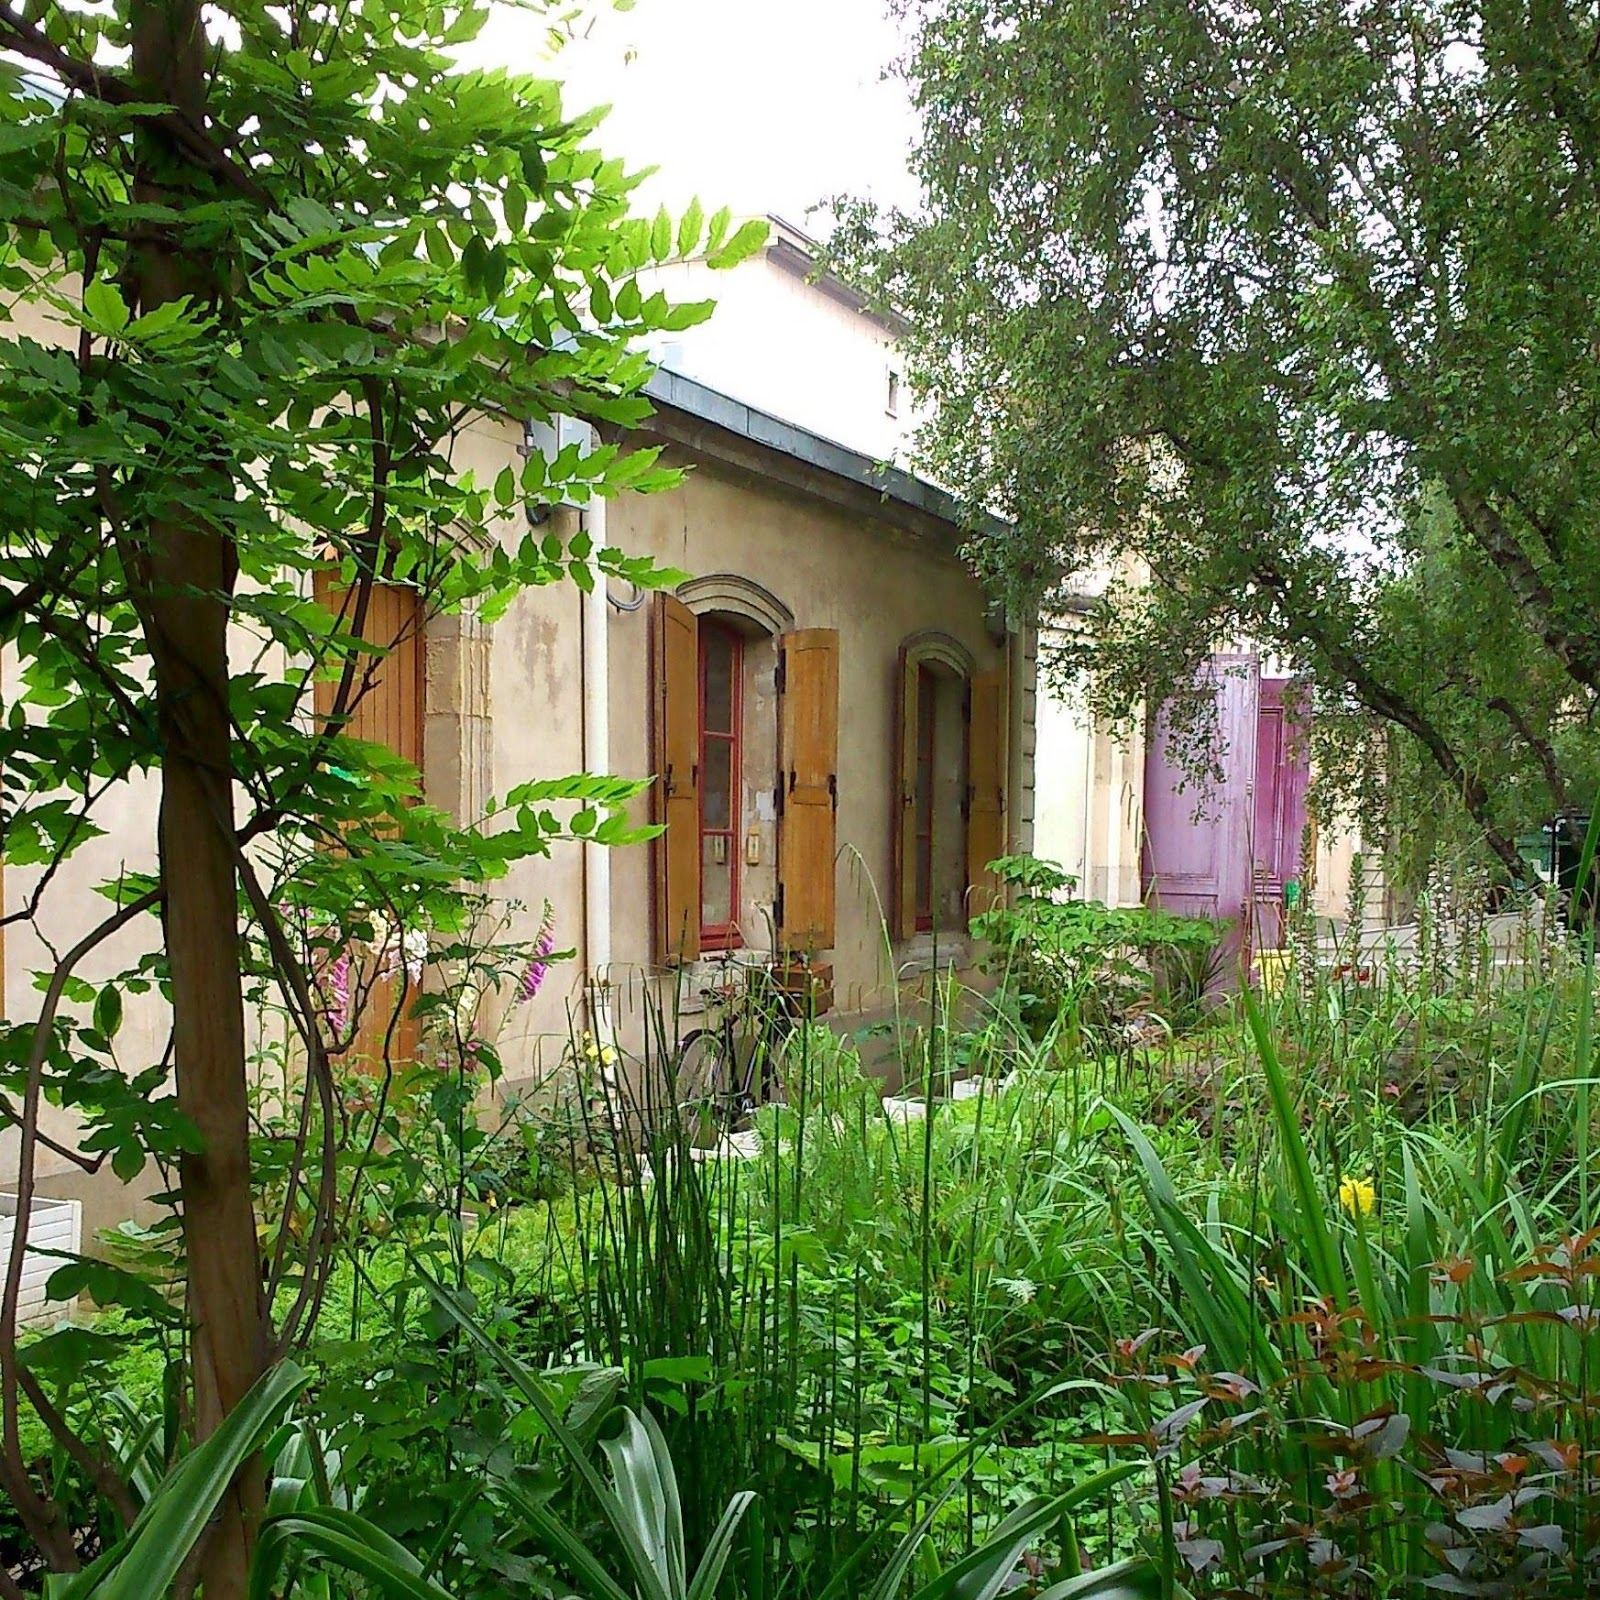 Le jardin Villemin un jardin de campagne entre gare et canal